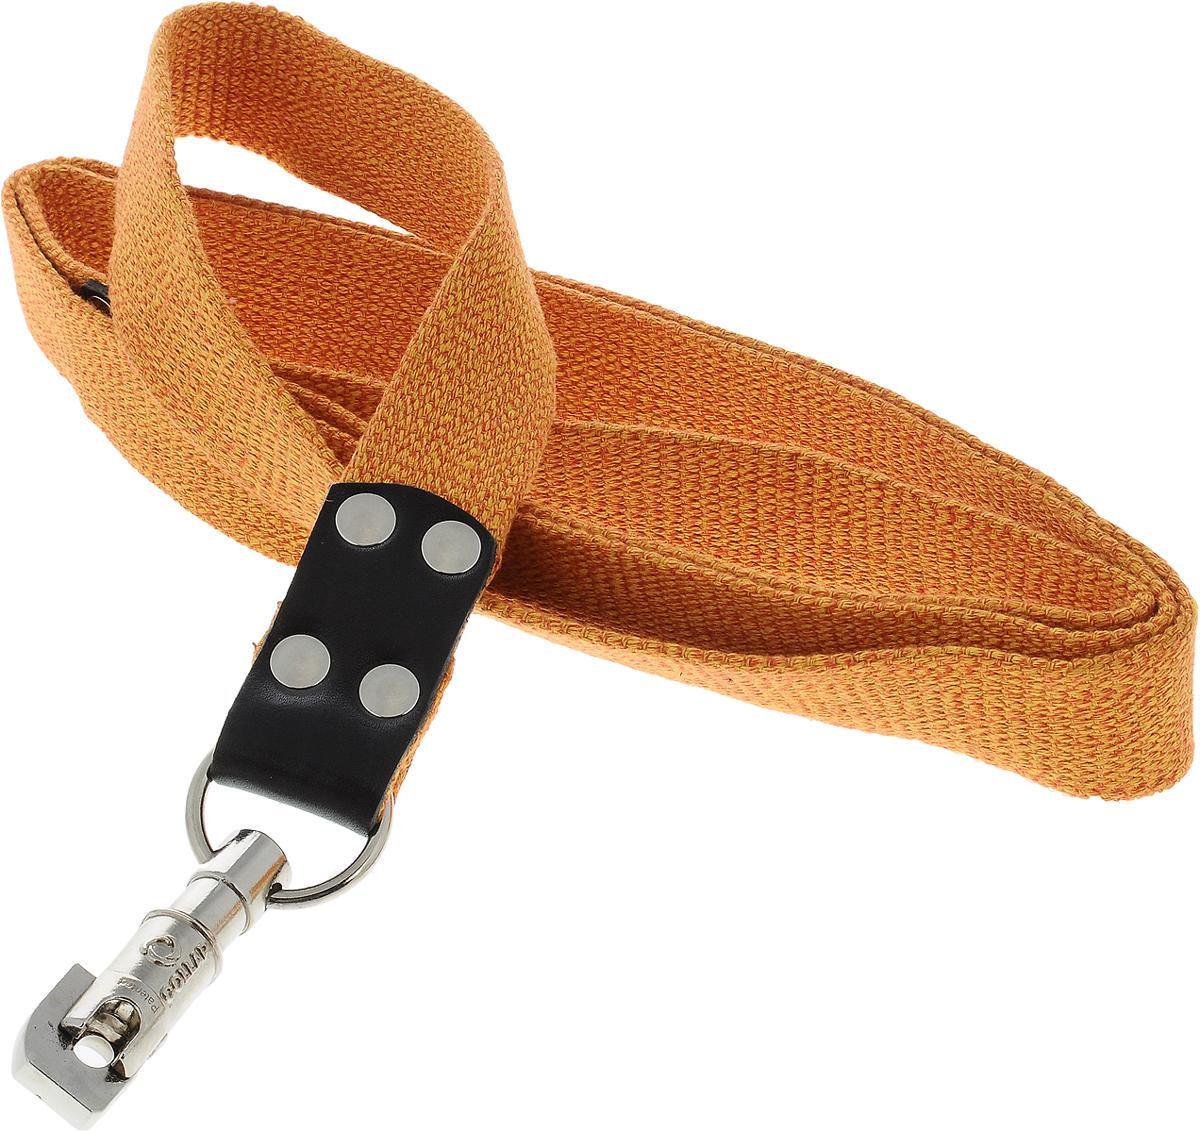 Поводок для собак CoLLaR, цвет: оранжевый, ширина 3,5 см, длина 2 м03444Поводок для собак CoLLaR изготовлен из хлопка и снабжен металлическим карабином. Поводок отличается не только исключительной надежностью и удобством, но и ярким дизайном. Он идеально подойдет для активных собак, для прогулок на природе и охоты. Поводок - необходимый аксессуар для собаки. Ведь в опасных ситуациях именно он способен спасти жизнь вашему любимому питомцу. Длина поводка: 2 м. Ширина поводка: 3,5 см.